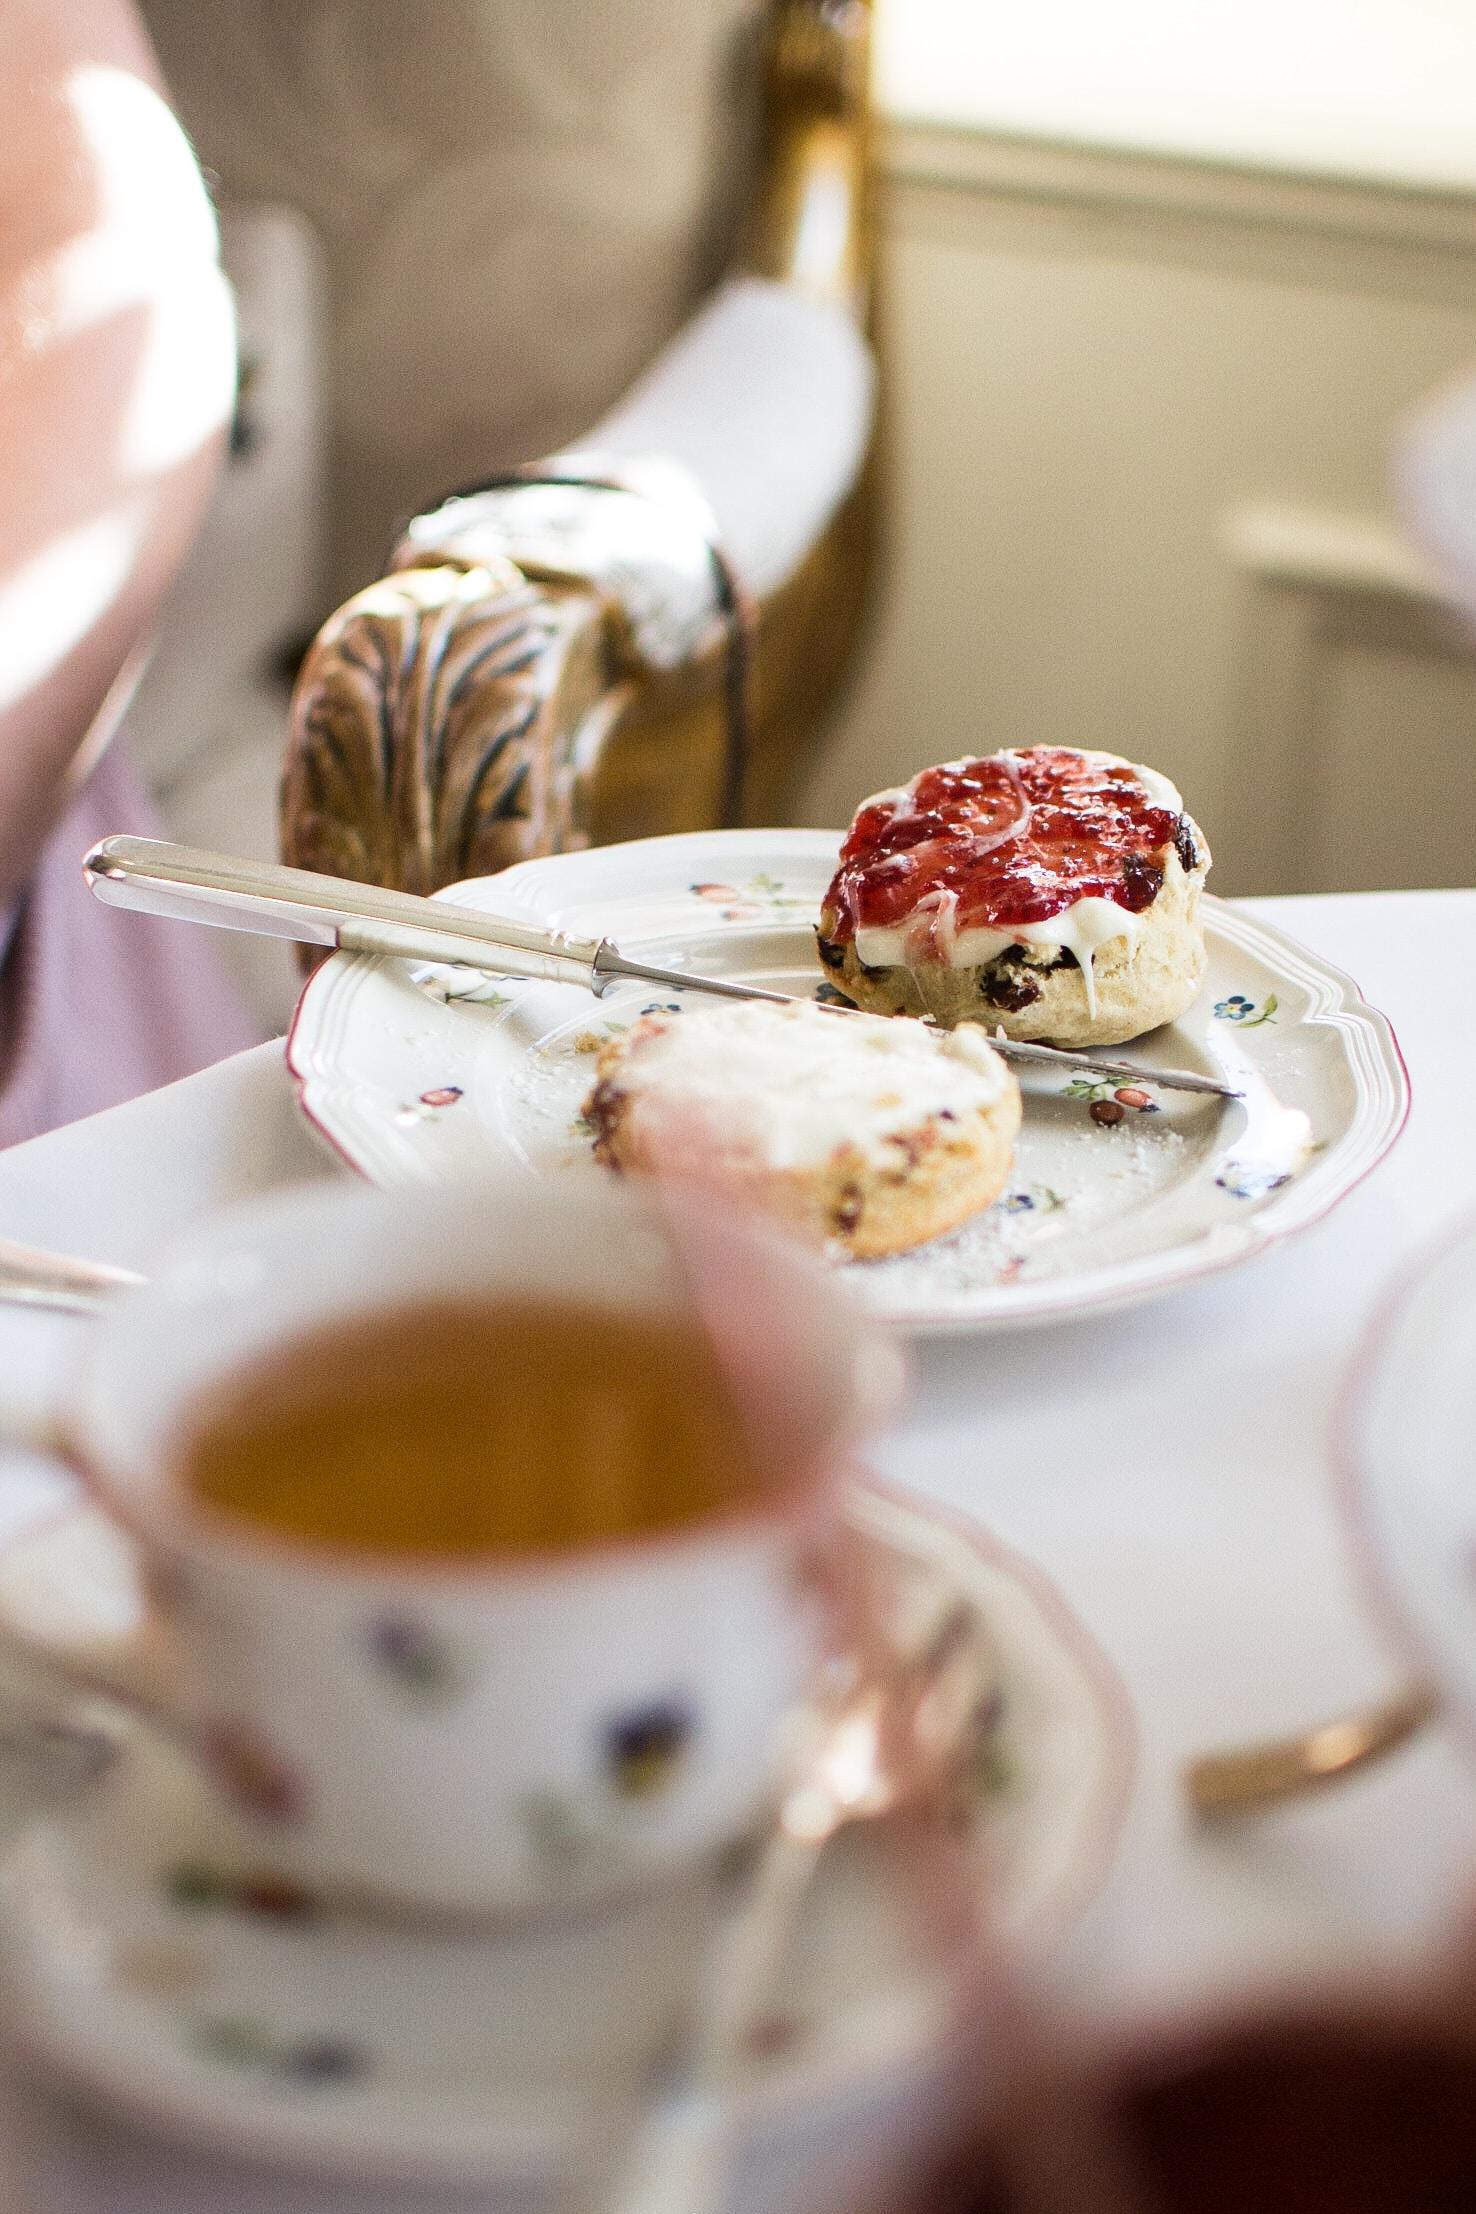 sliced cake served on white ceramic plate